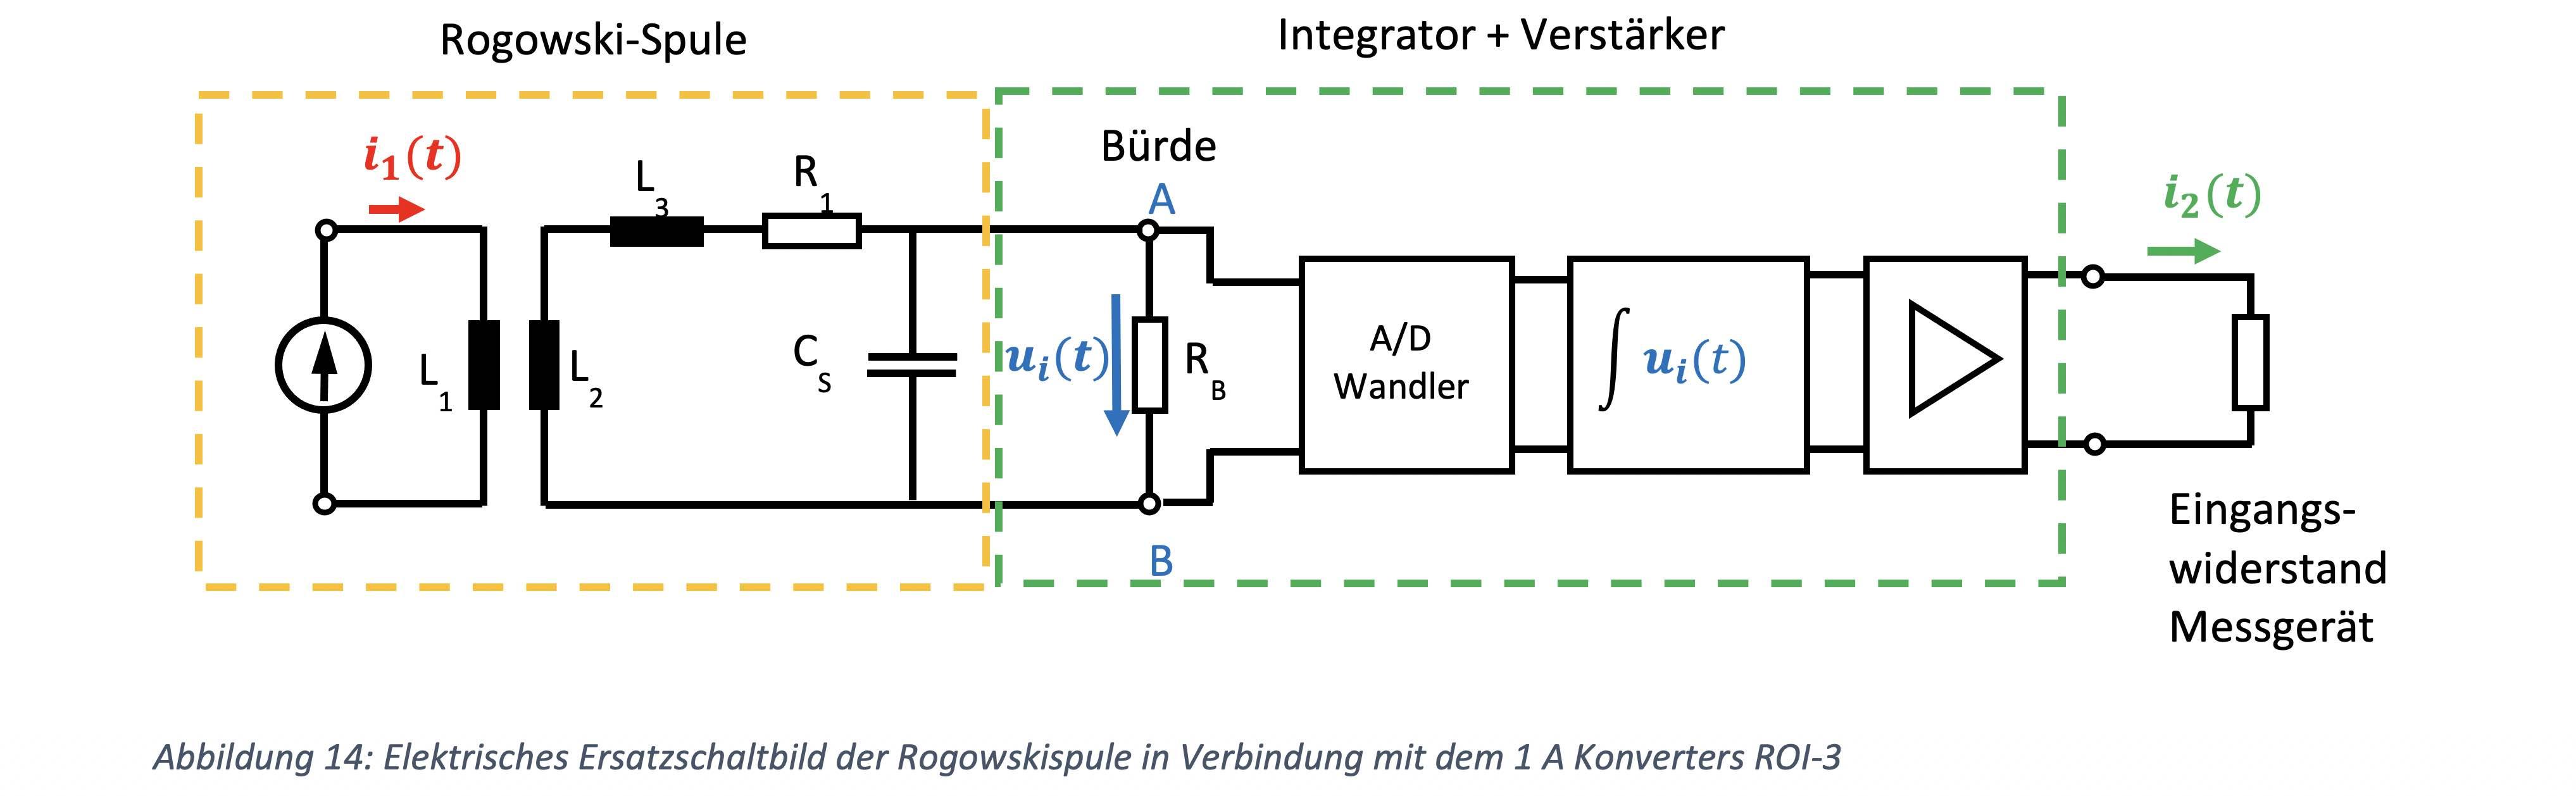 MBS, Siemens, Rogowski, Rogowskispule, Rogowski-Spule, Strommessung,